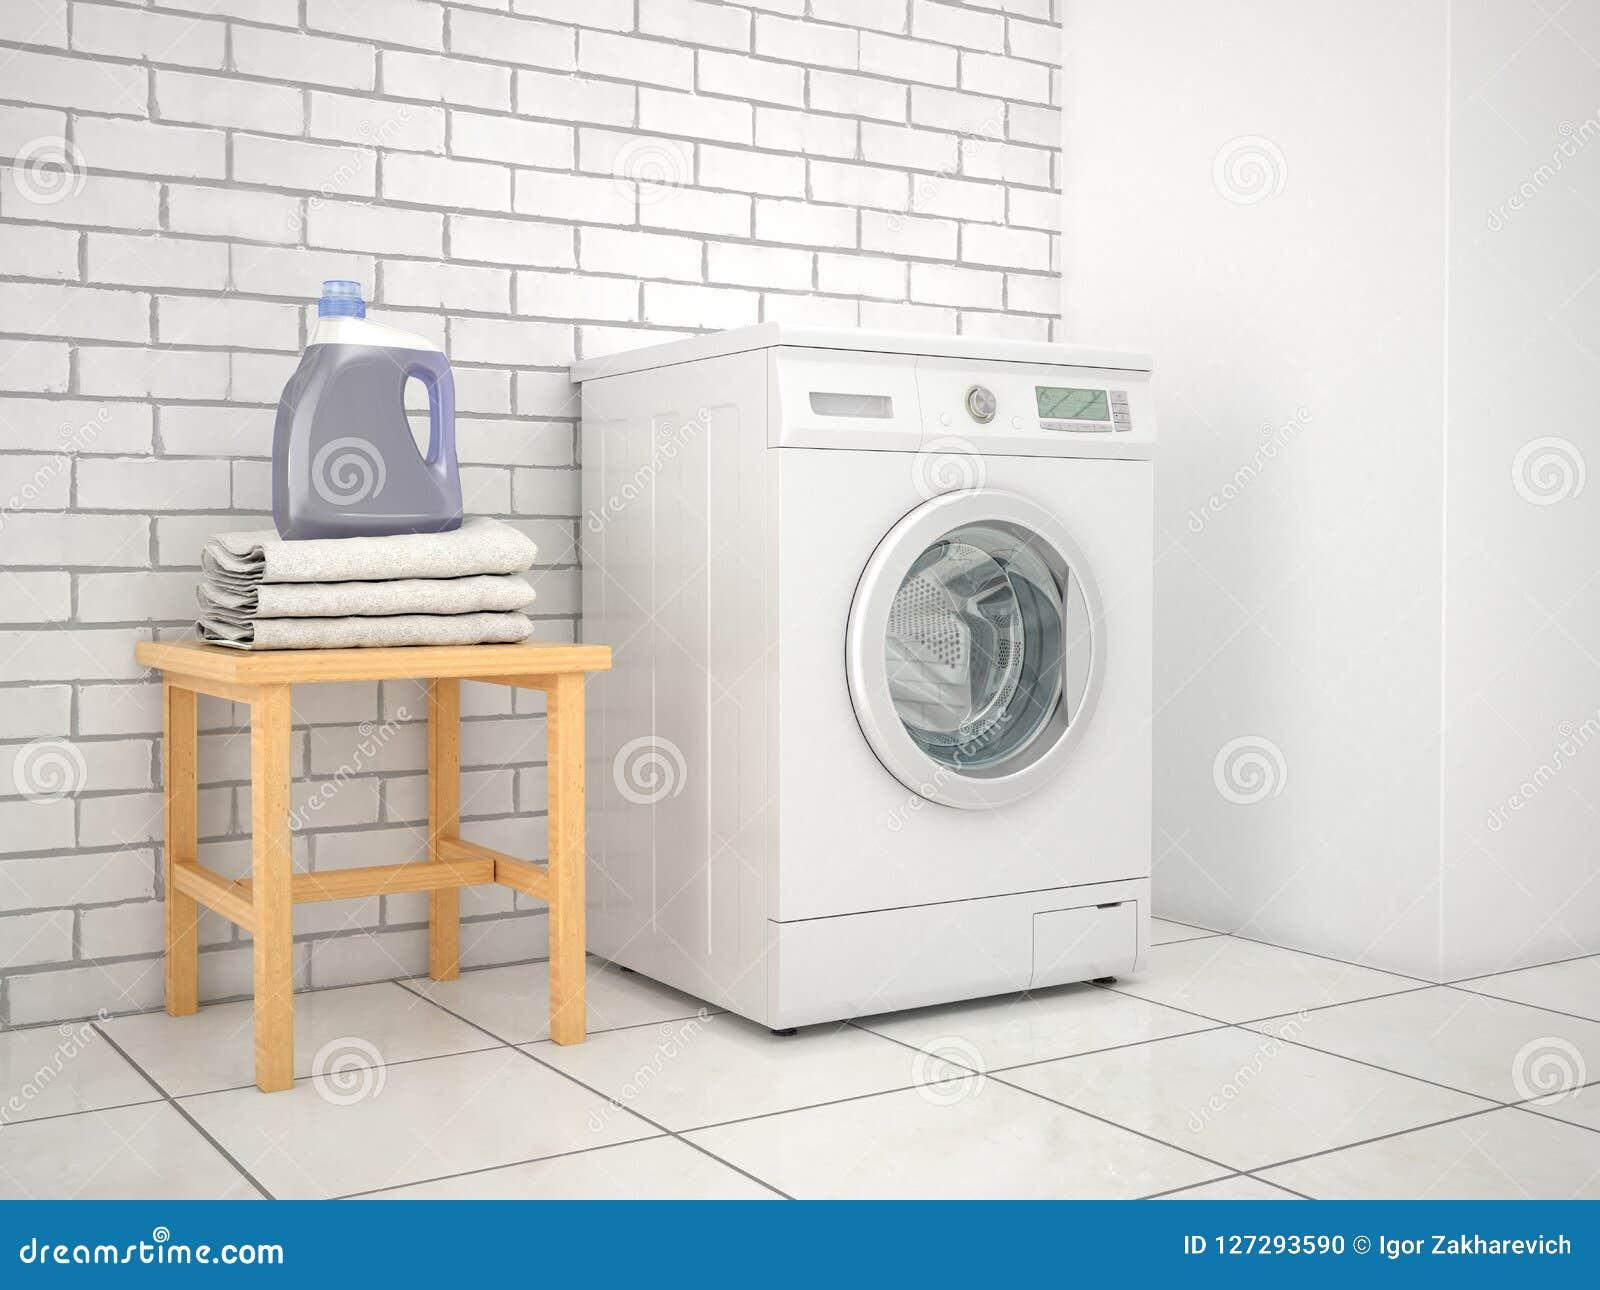 Wäscherei Waschmaschine mit Reinigungsmittel und Tüchern